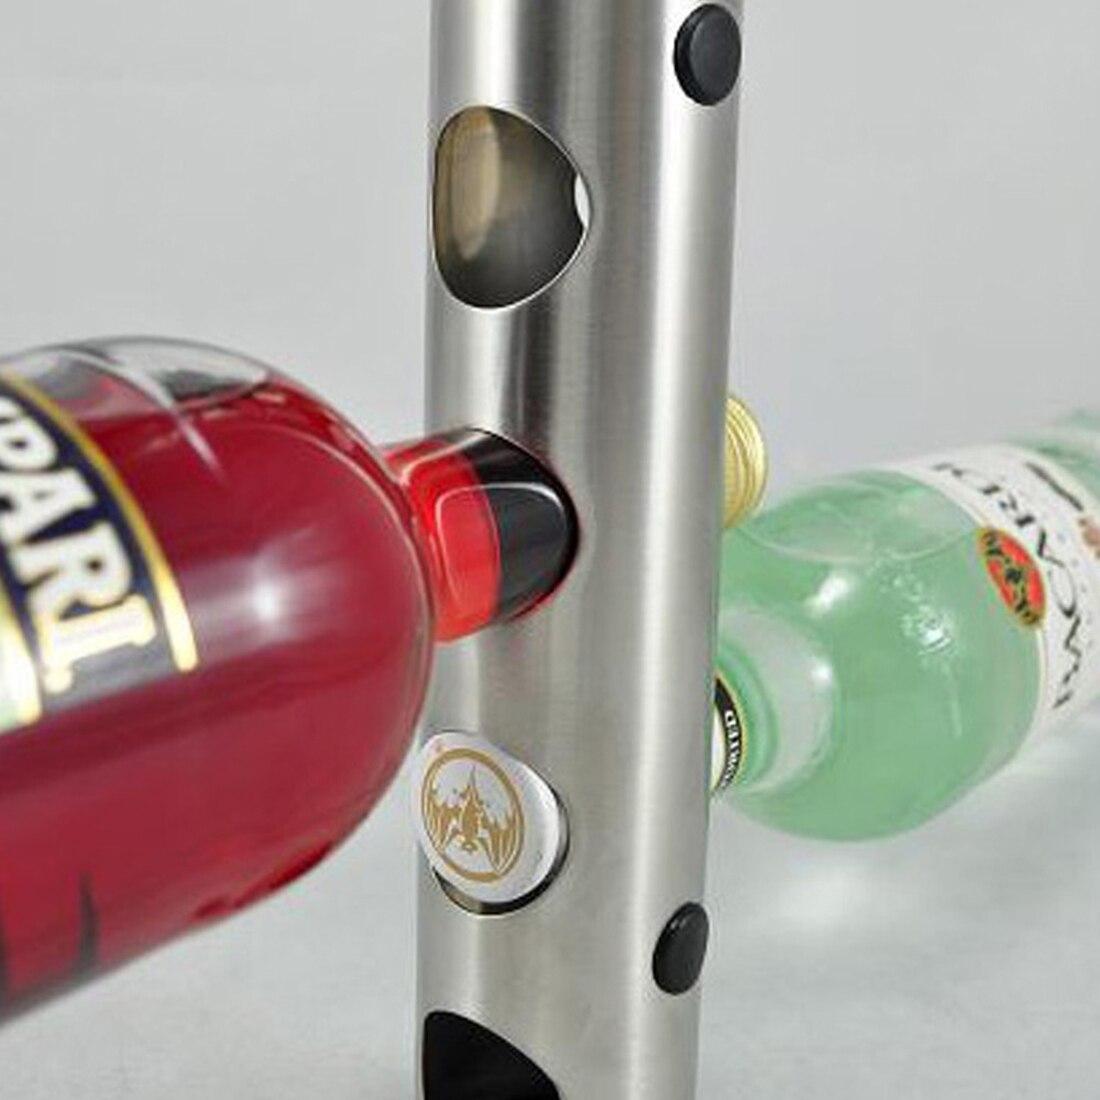 კრეატიული ღვინის თაროს - სამზარეულო, სასადილო და ბარი - ფოტო 3